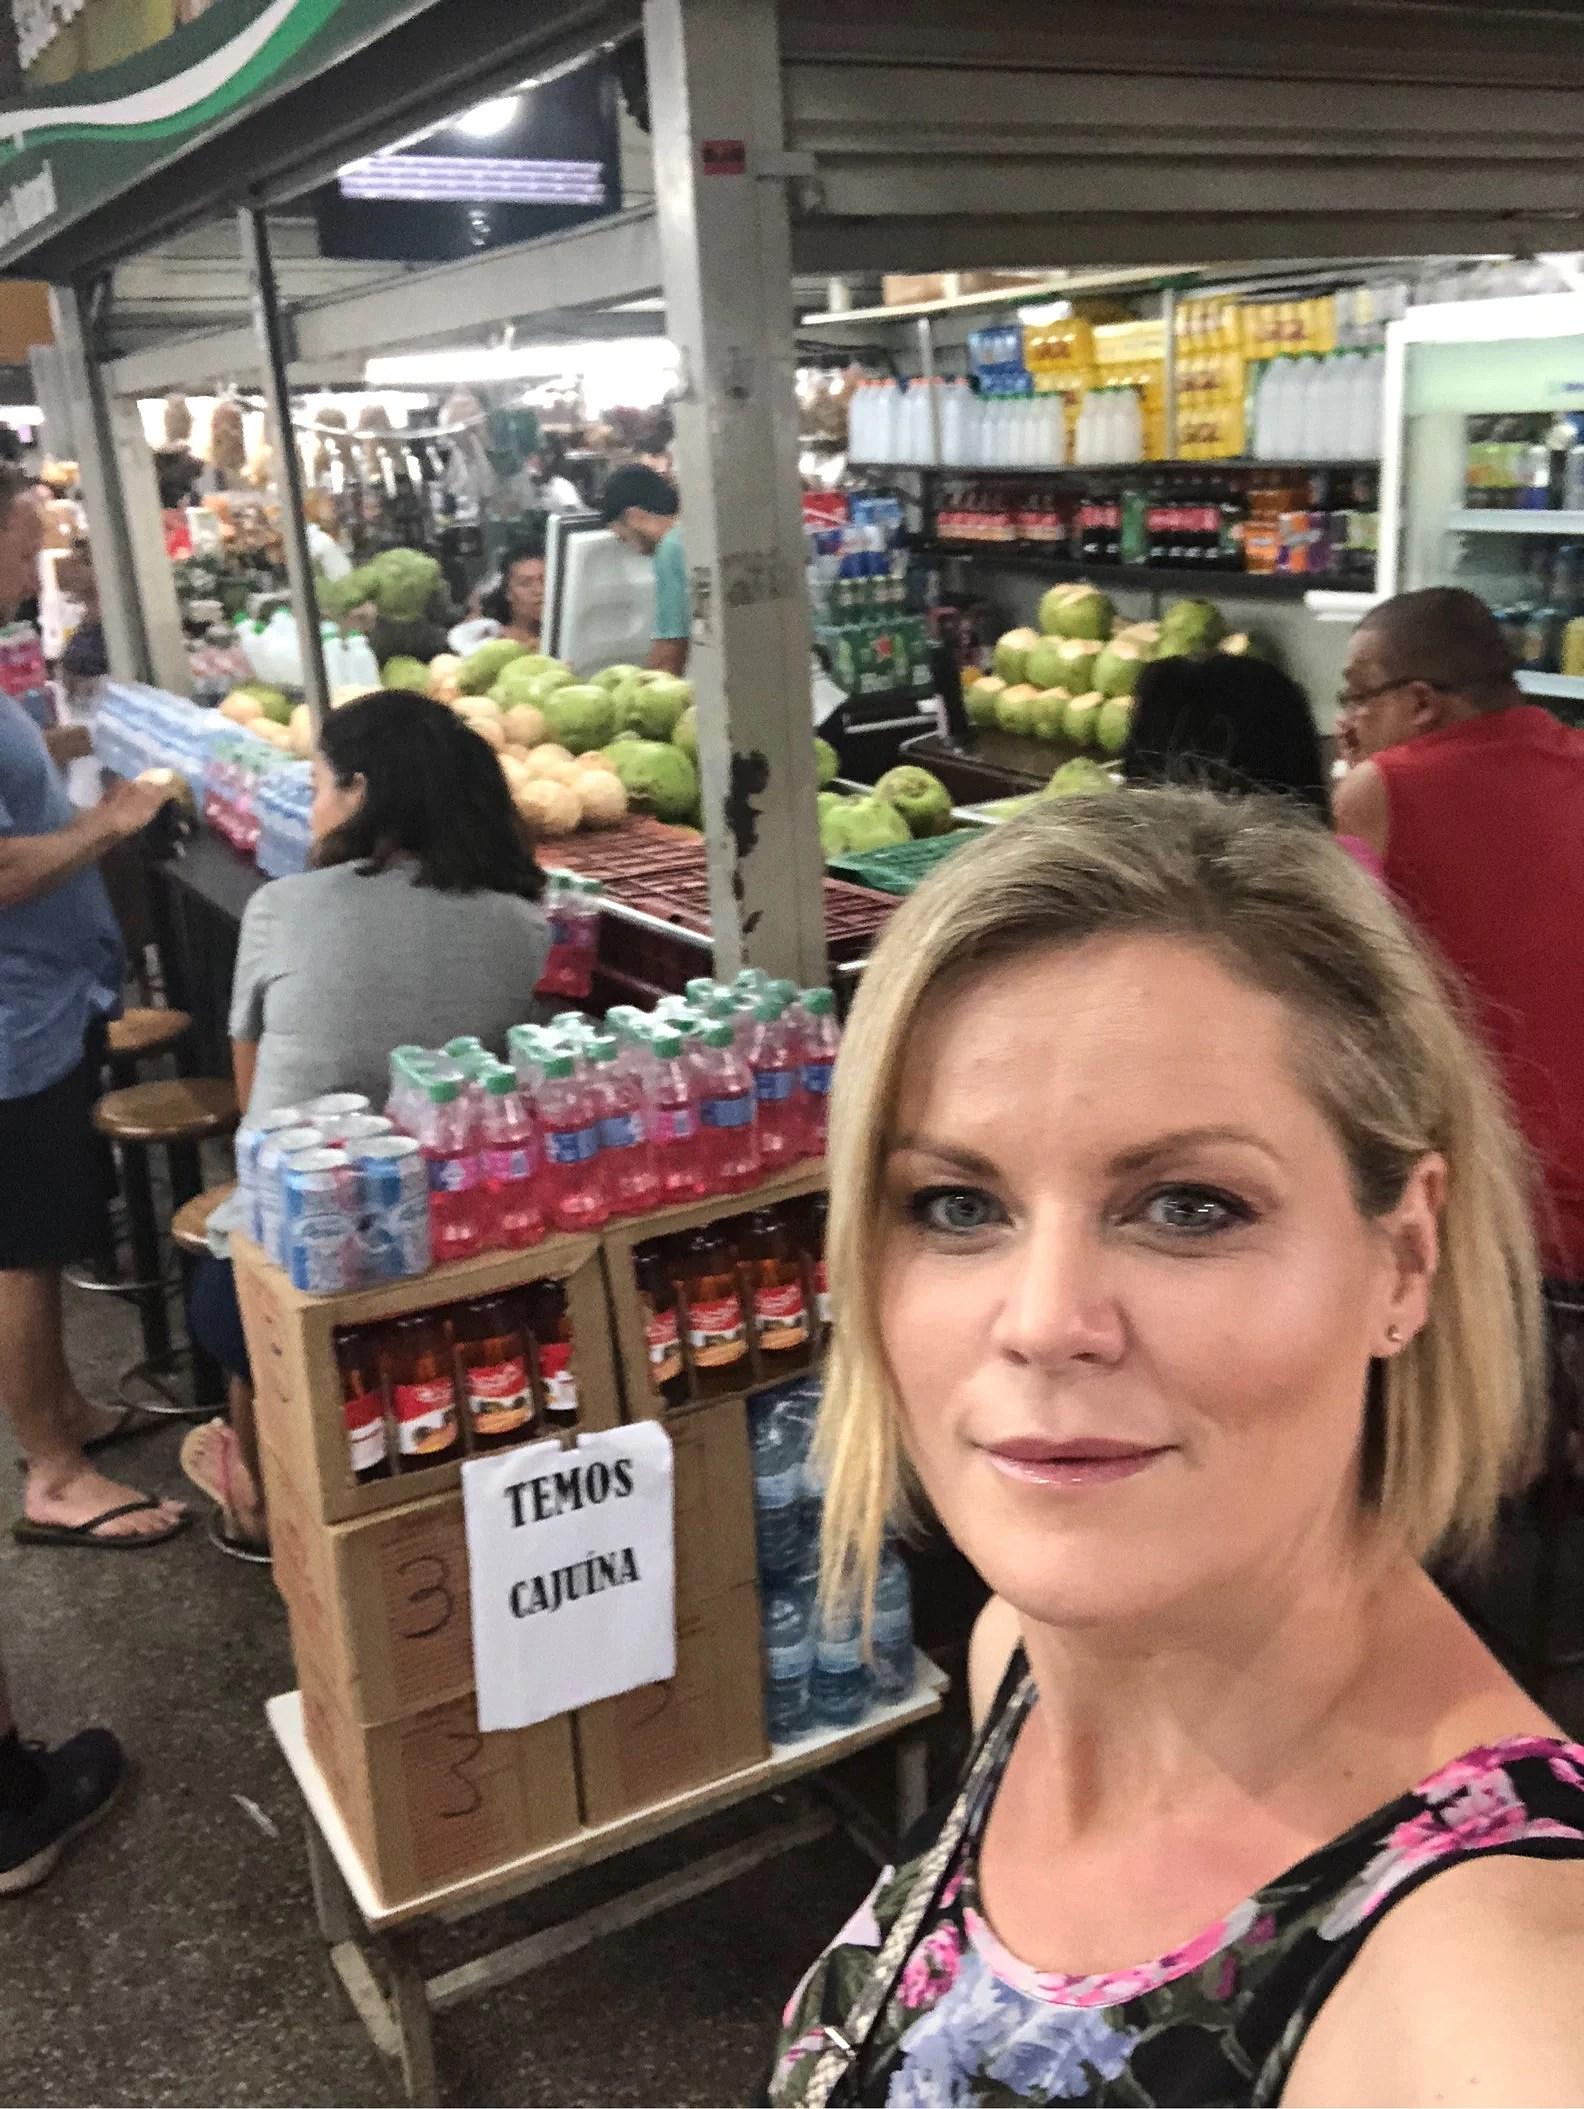 Et lille rejse-fif hvis du skal på markedet i Brasilien!